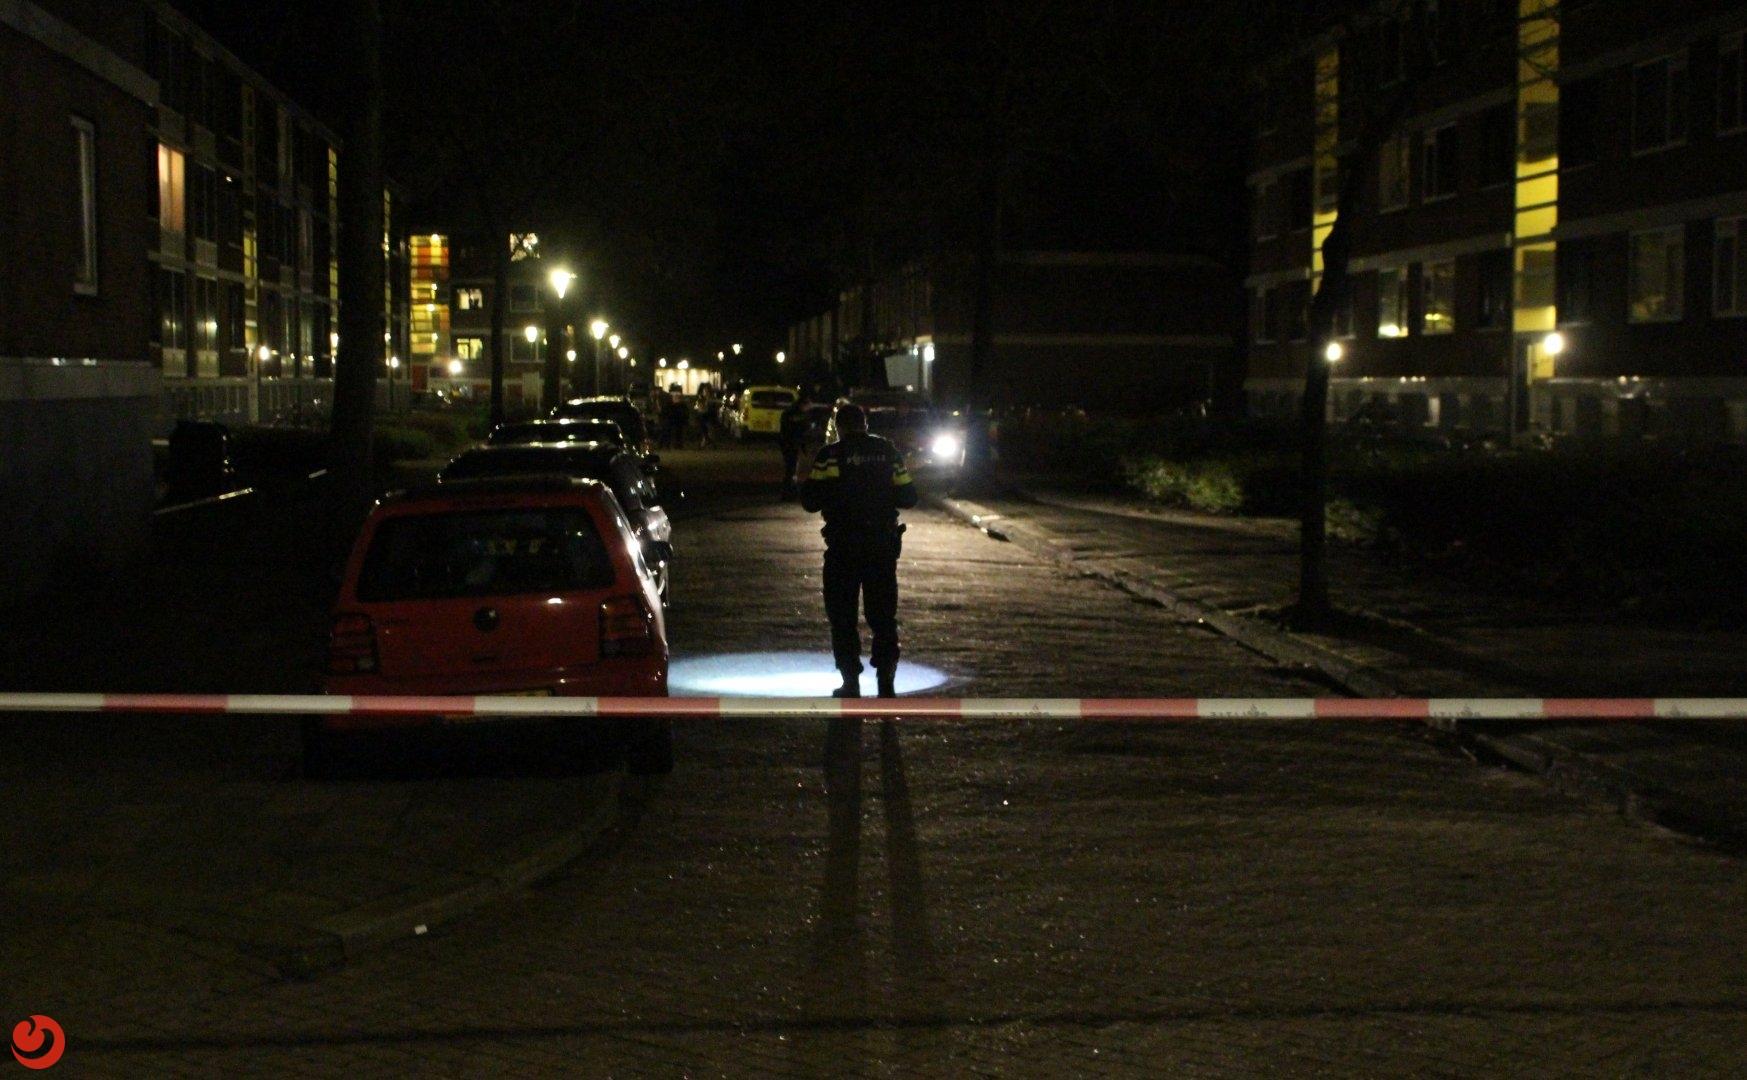 Schoten gelost vanuit auto in Leeuwarden